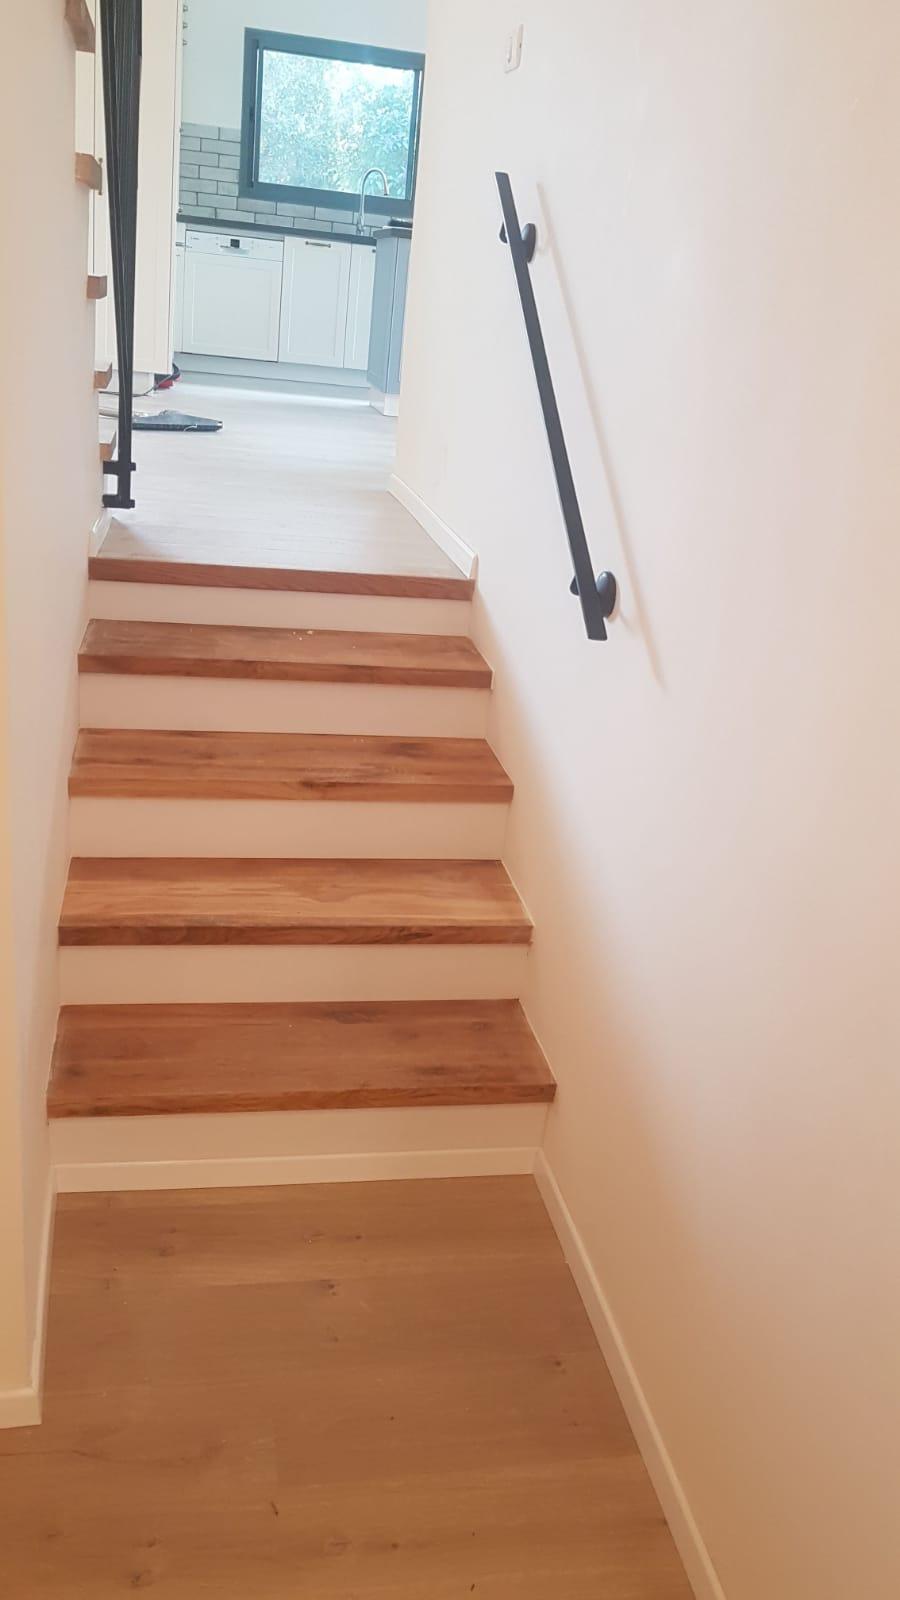 מדרגות לבית מפרקט